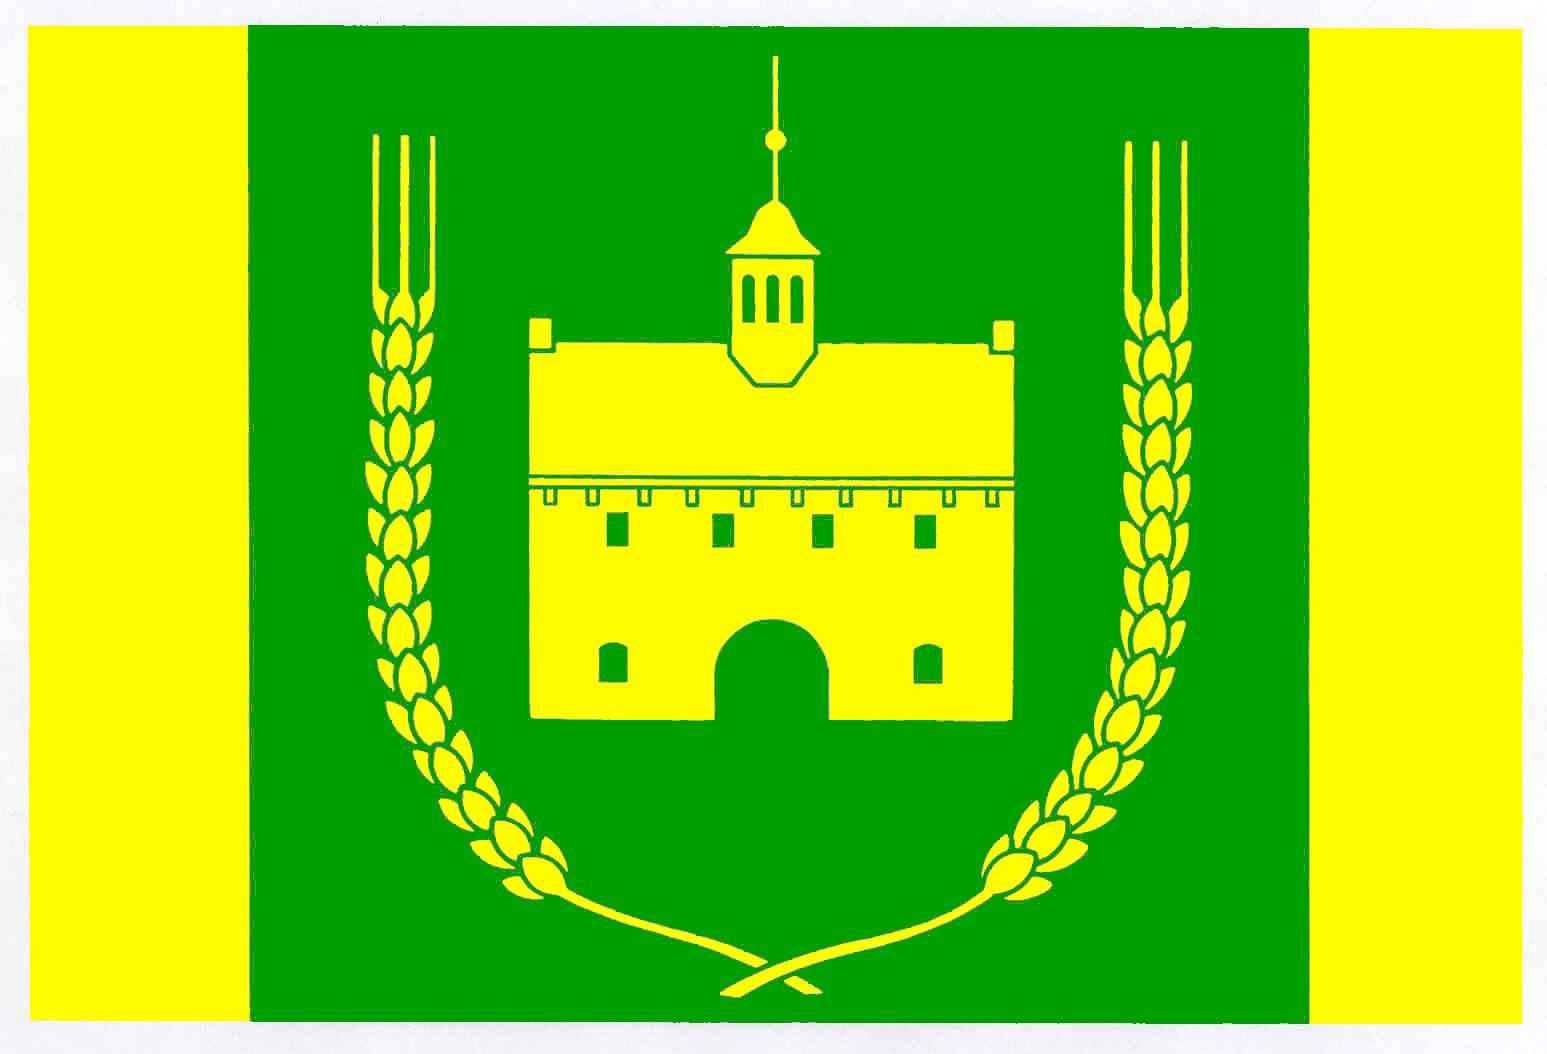 Flagge GemeindeJersbek, Kreis Stormarn